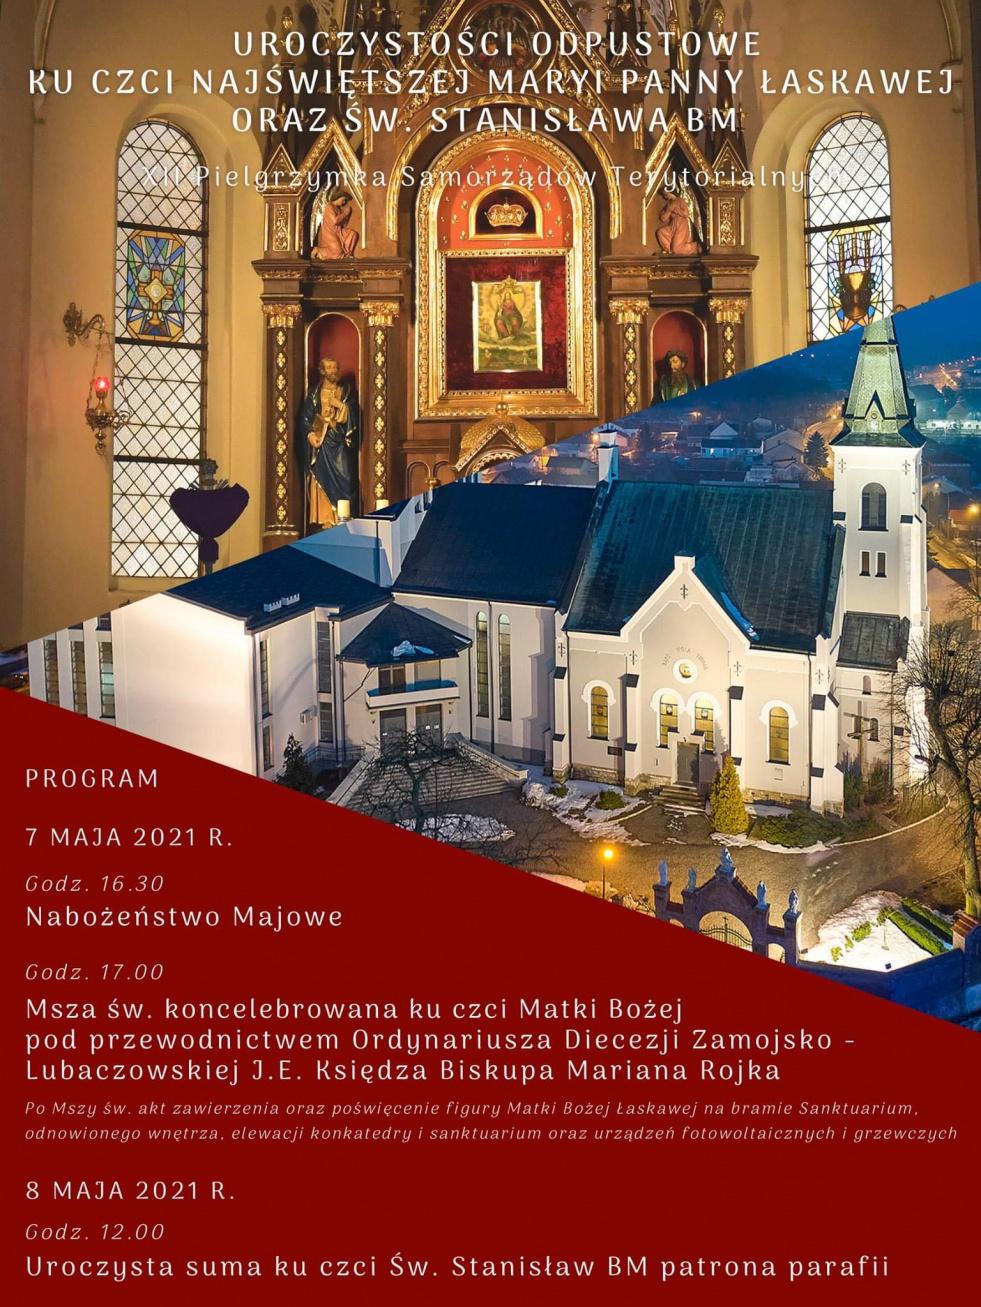 XII Pielgrzymka Samorządów Terytorialnych do Lubaczowa